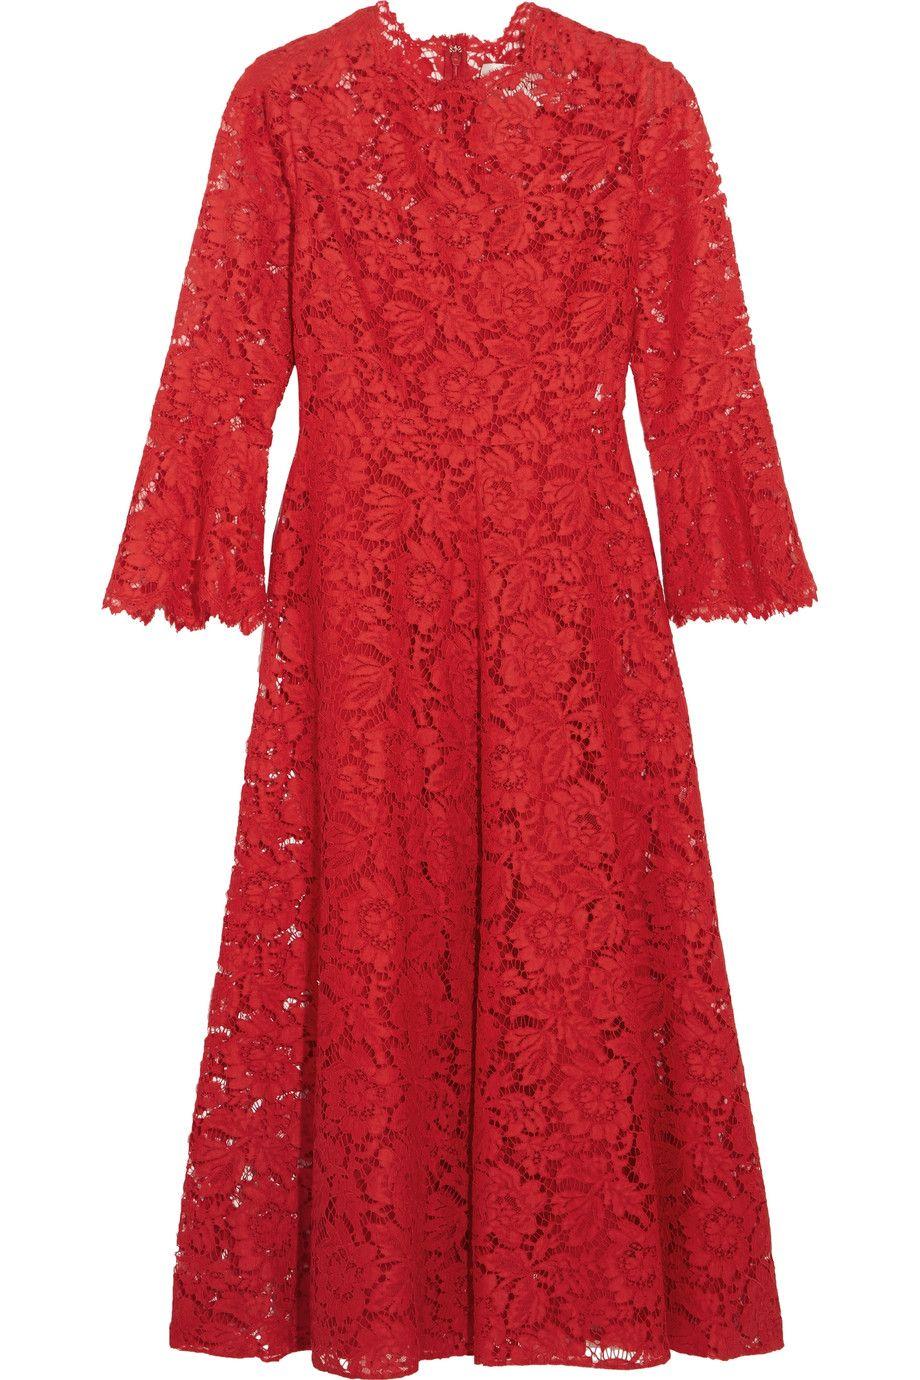 Ecco un regalo di Natale trendy, l'abito rosso in pizzo di Valentino